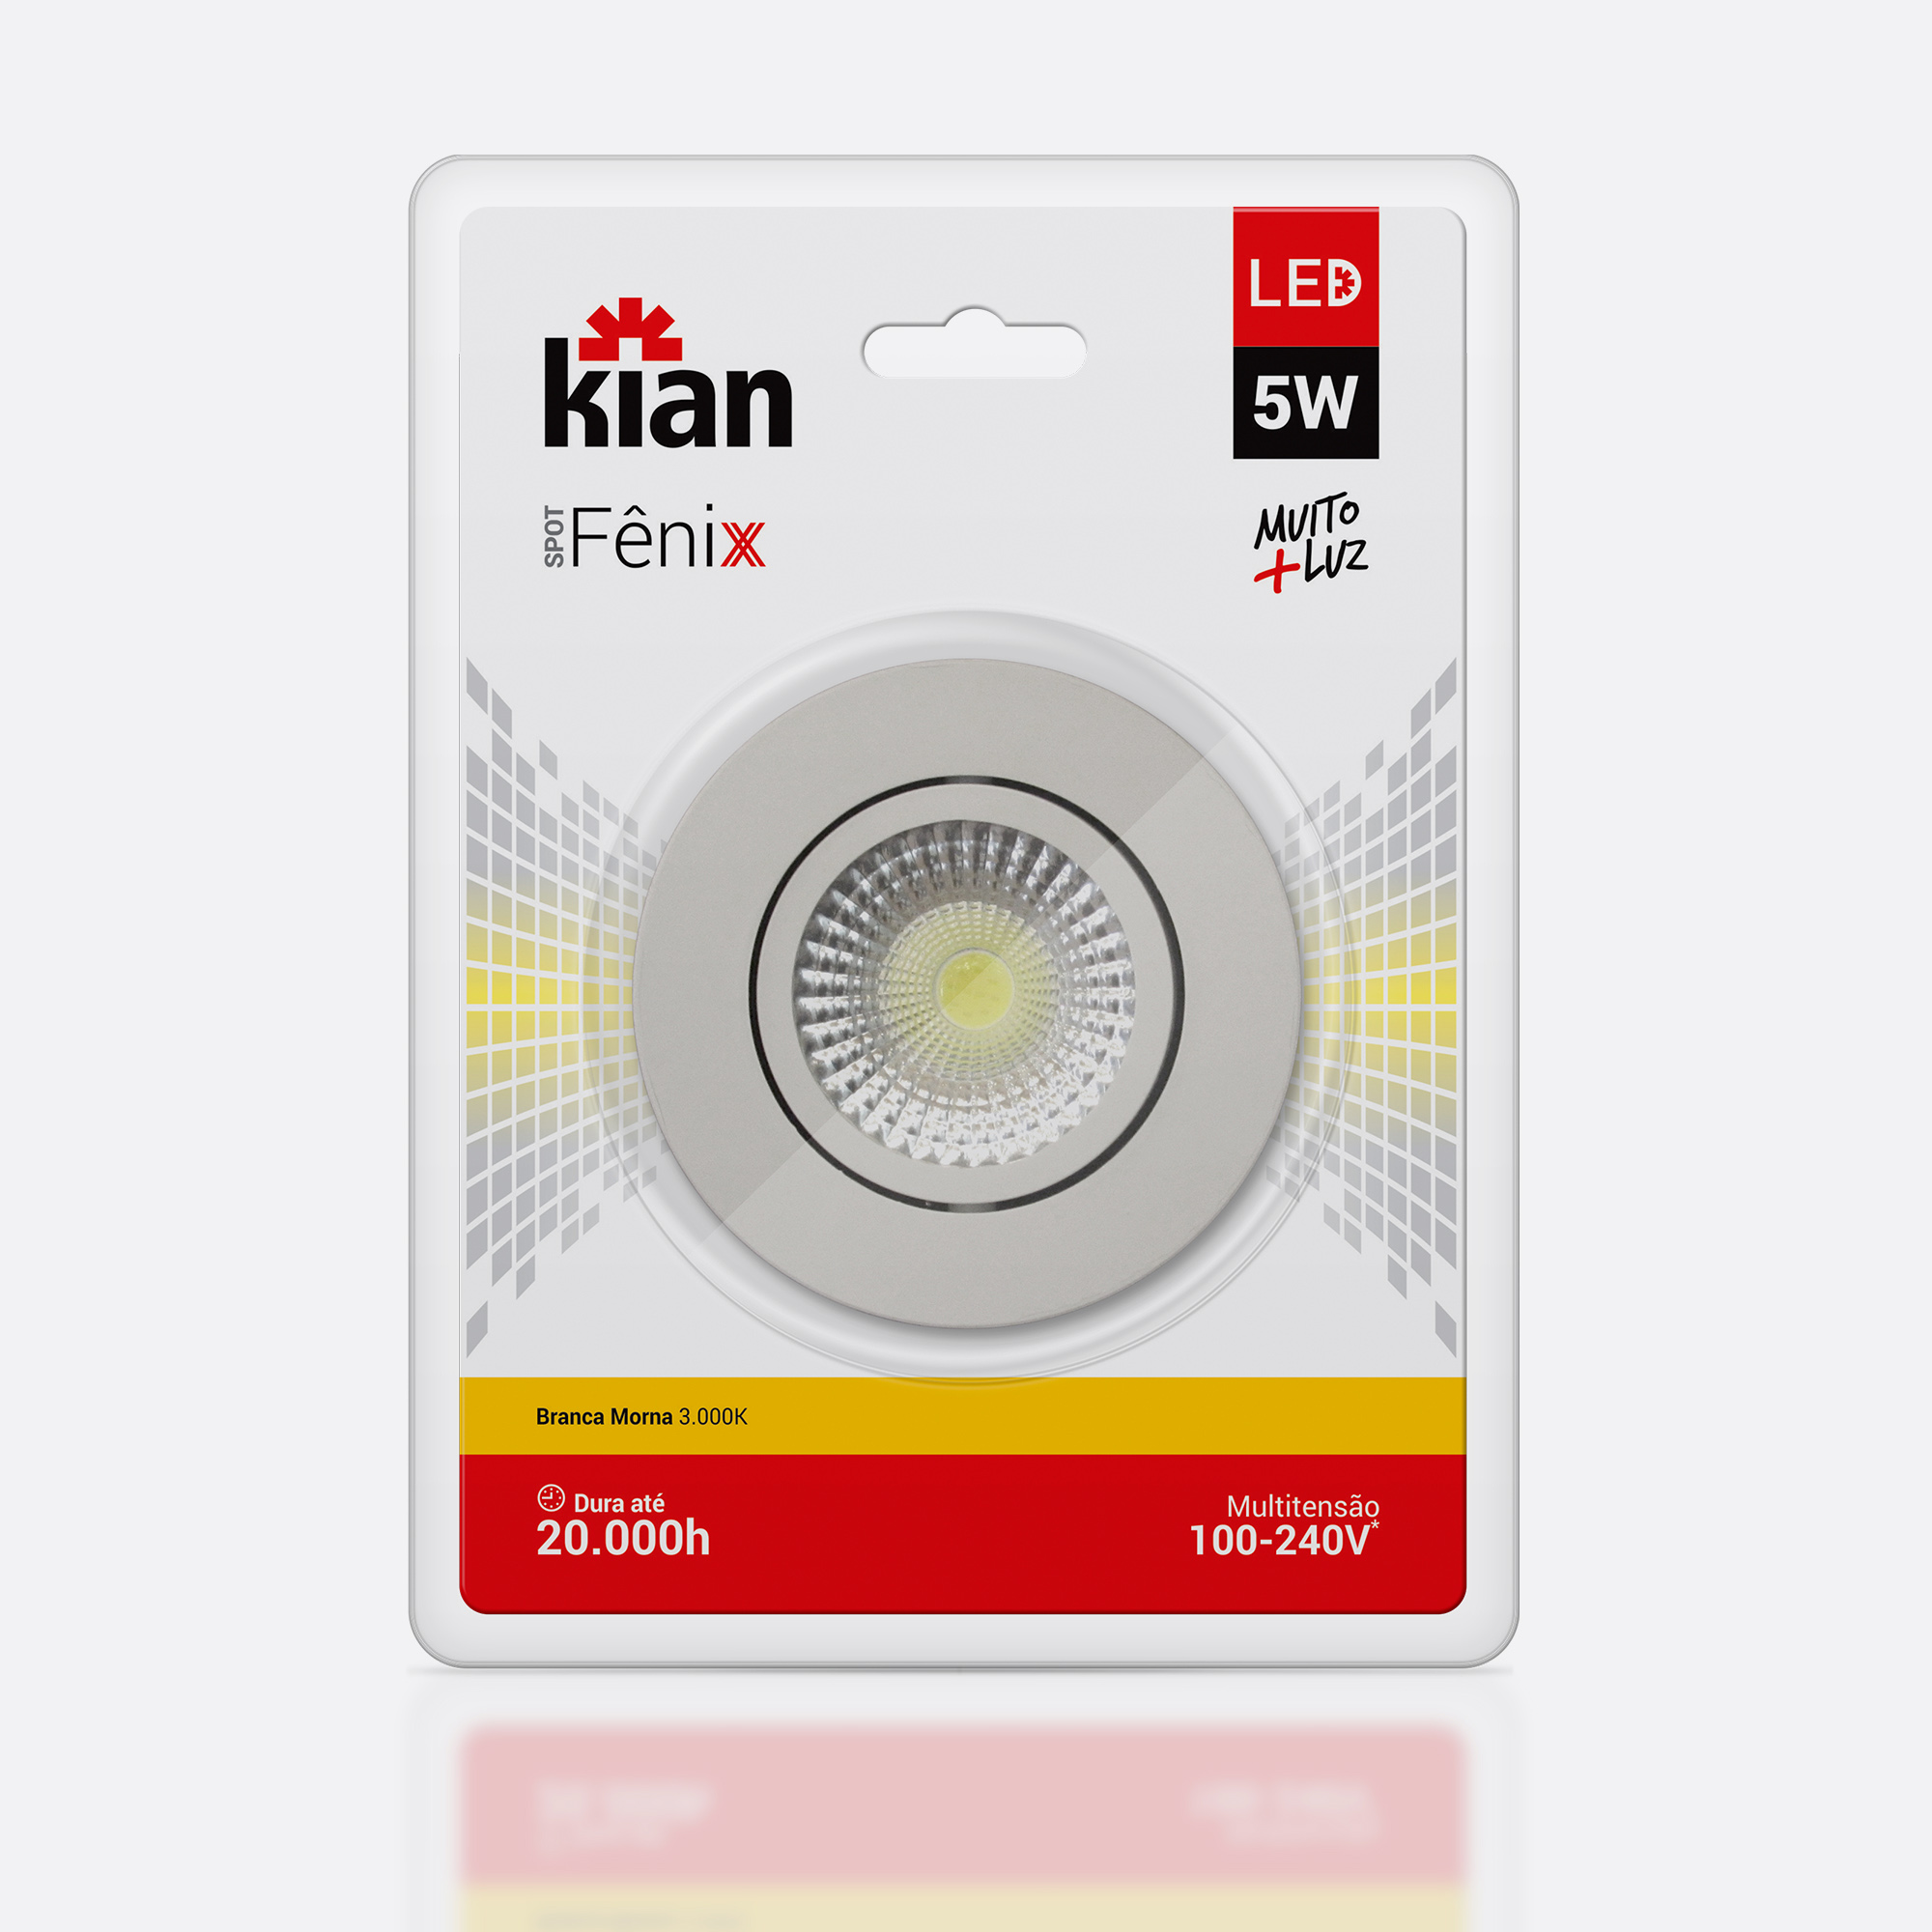 Desenvolvimento do mockup digital packshot da embalagem da Luminária Spot para Kian Iluminação.